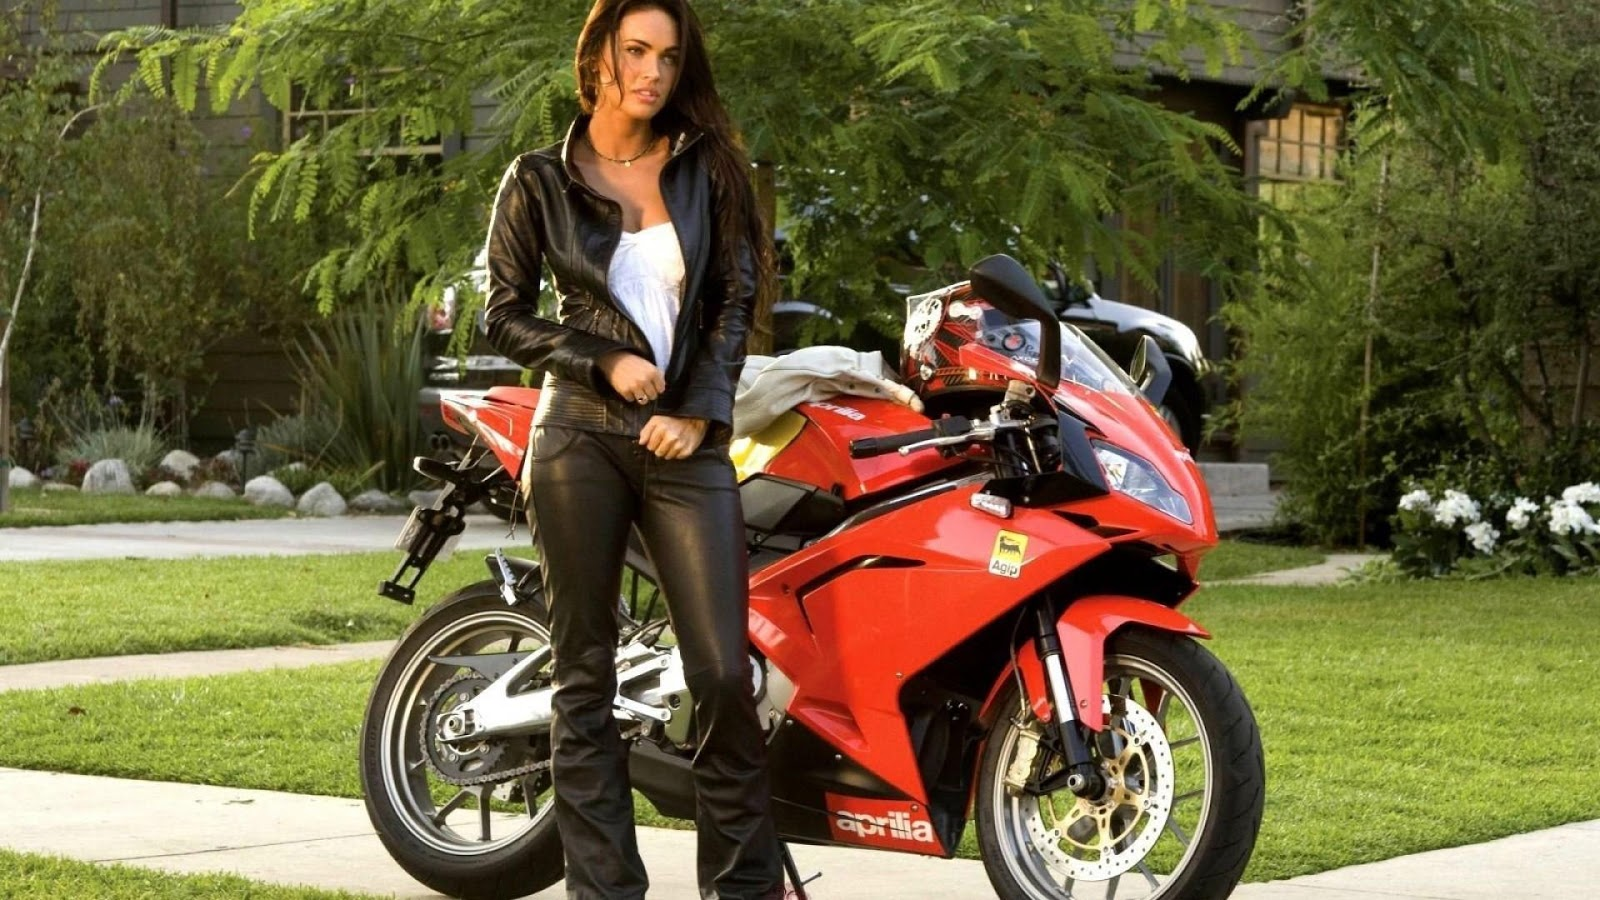 http://3.bp.blogspot.com/-xPqWj3S29E8/UNB_rkQ6rLI/AAAAAAAALDU/bF-_FtxNiLQ/s1600/brunettes-women-transformers-moviesmegan-fox-1080.jpg